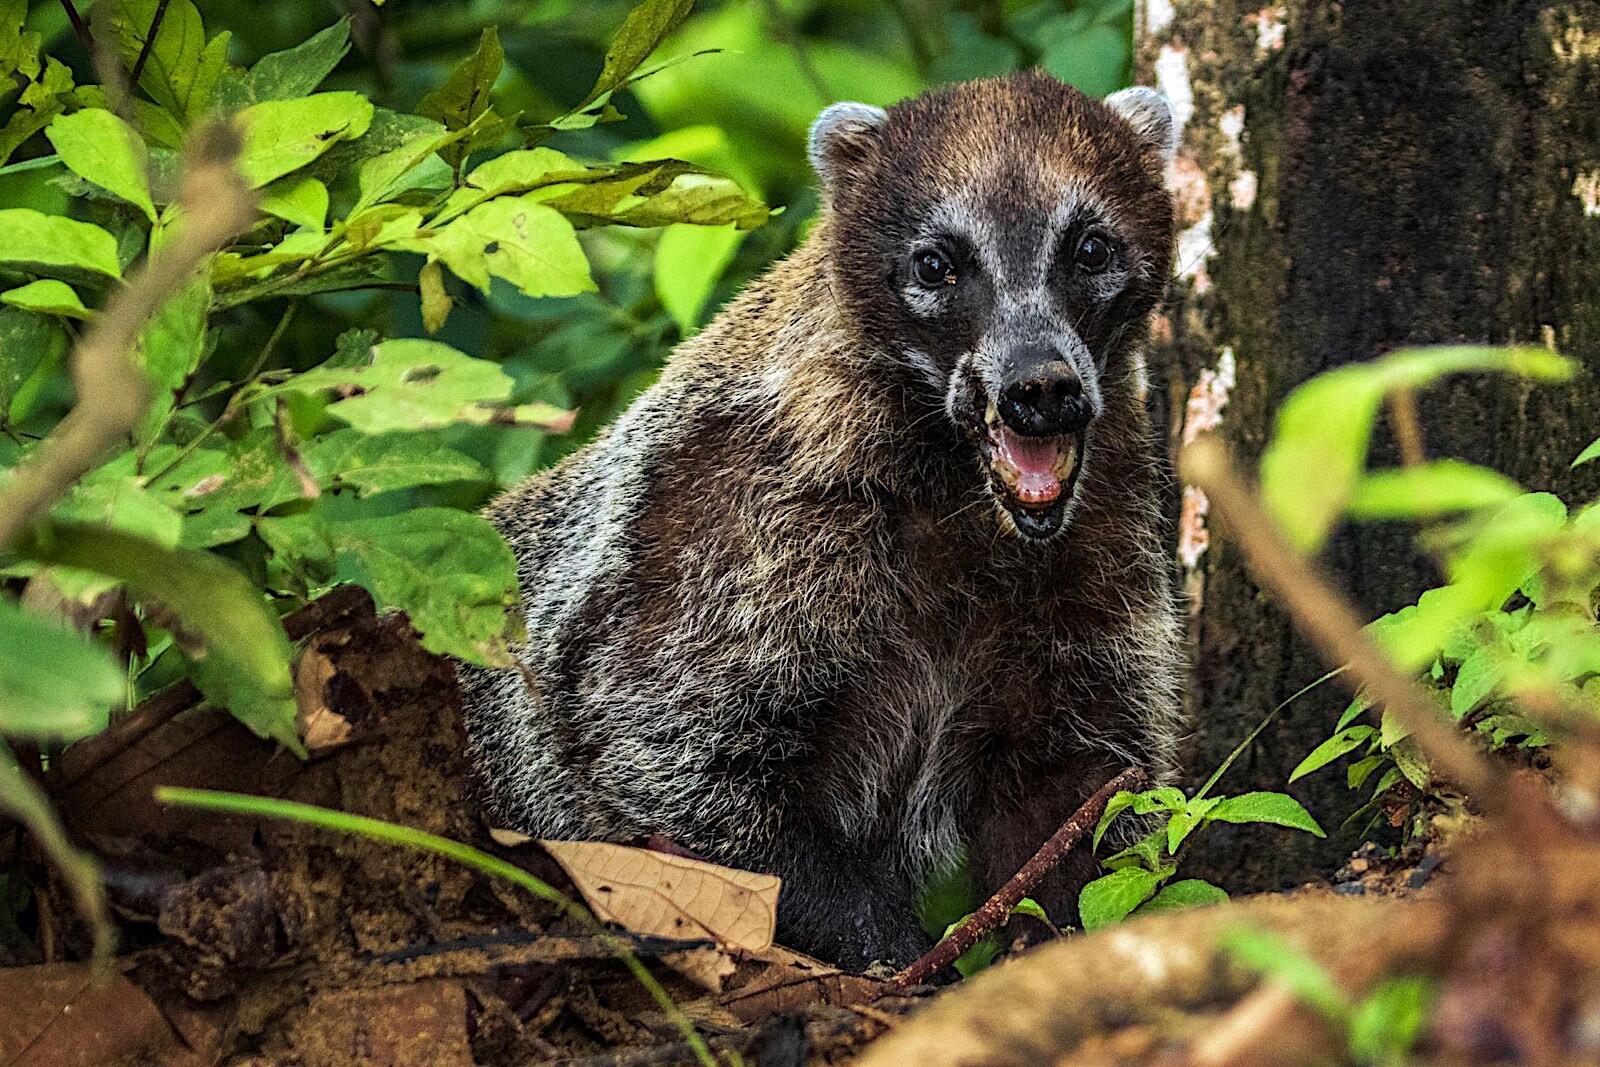 Very Surprised animal